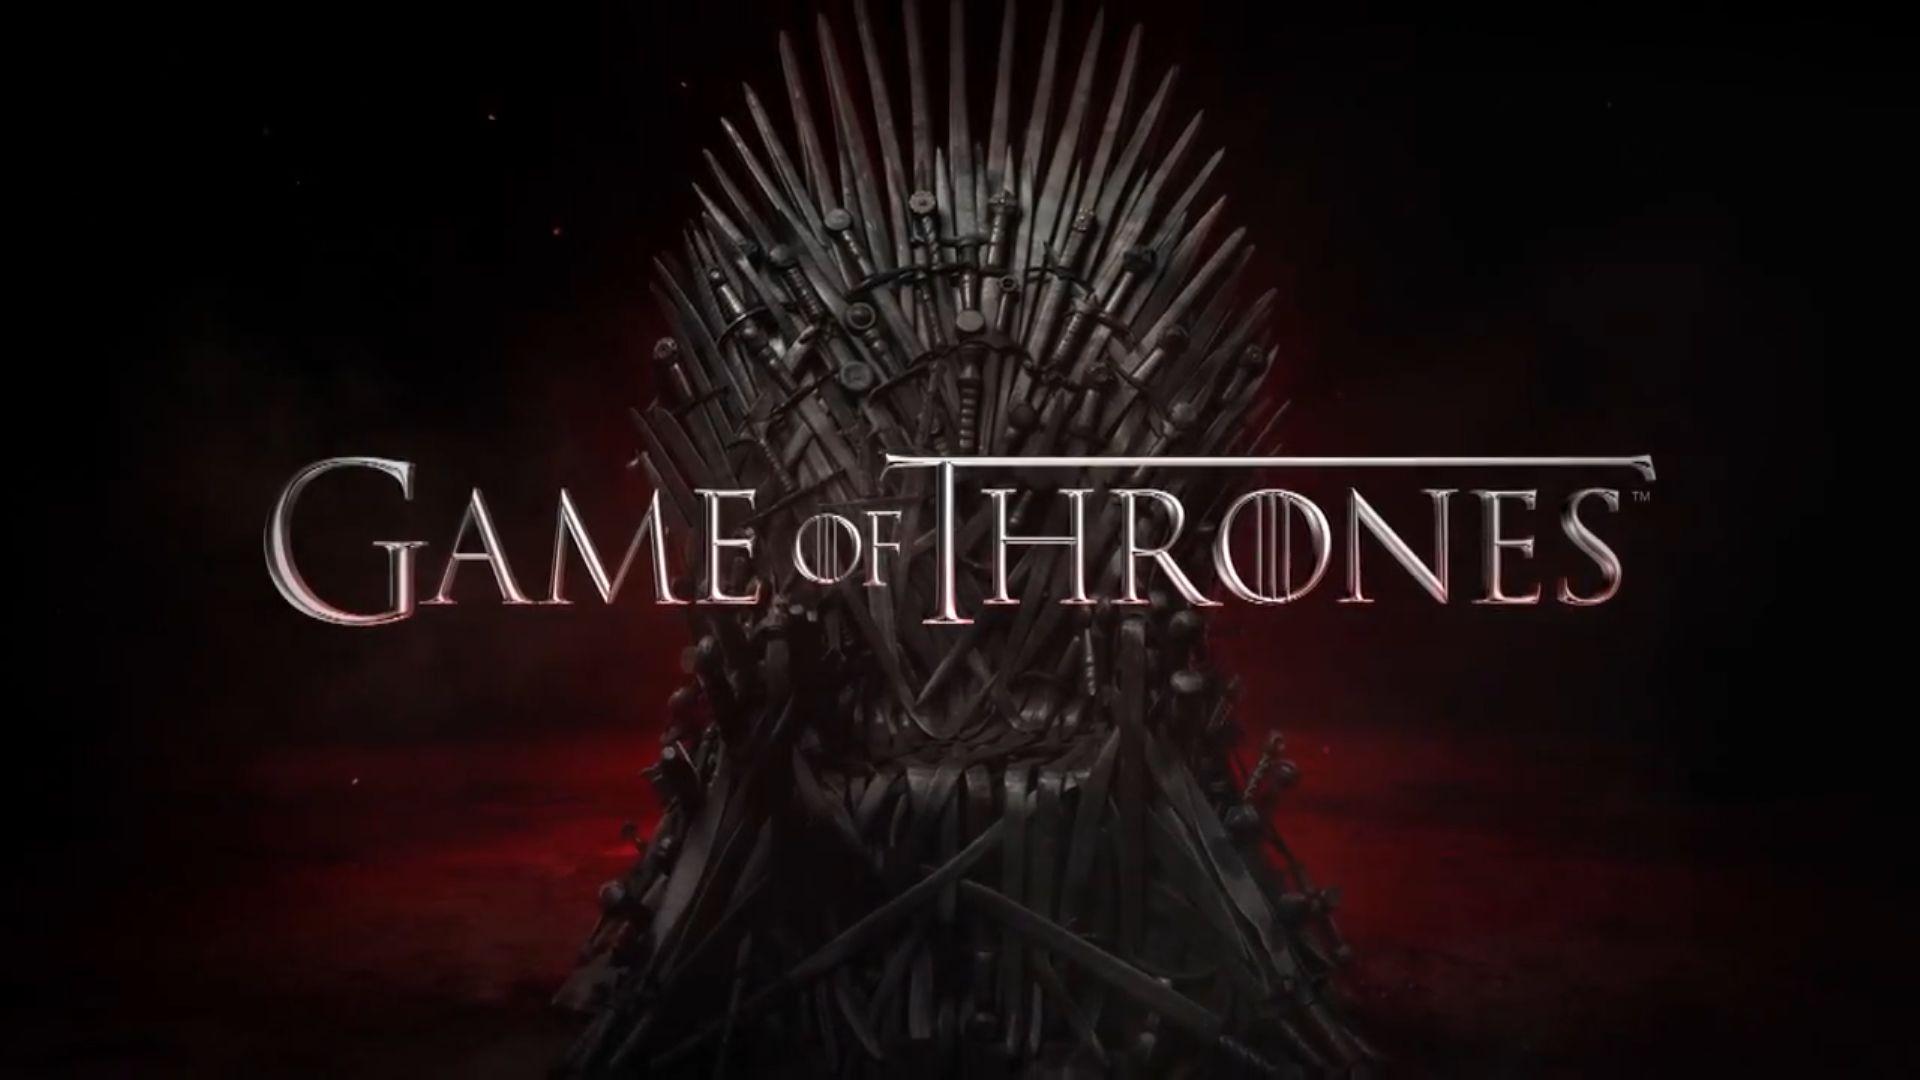 """Seriali më i ndjekur i të gjitha kohërave """"Game of Thrones"""", jep lajmin e shumëpritur për fansat"""